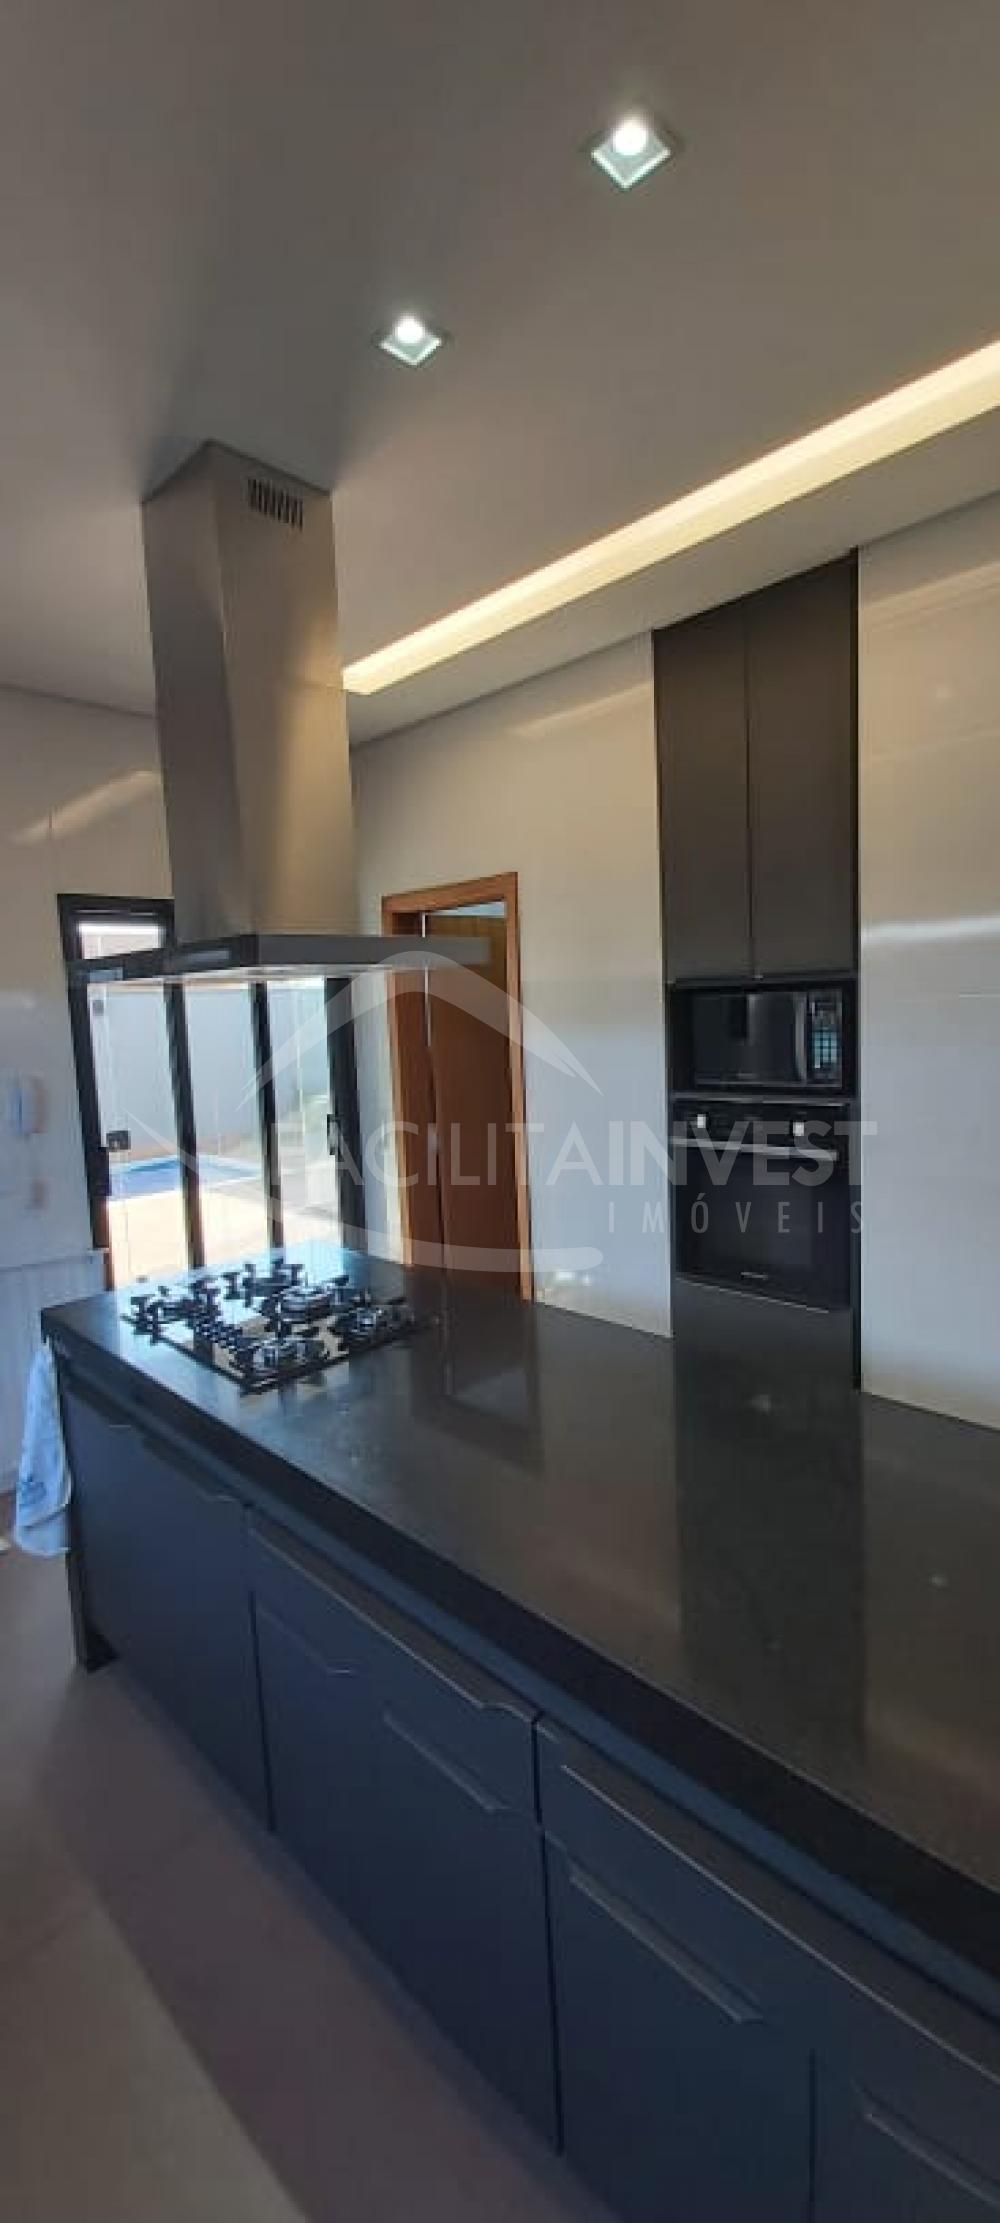 Comprar Casa Condomínio / Casa Condomínio em Ribeirão Preto apenas R$ 1.580.000,00 - Foto 16